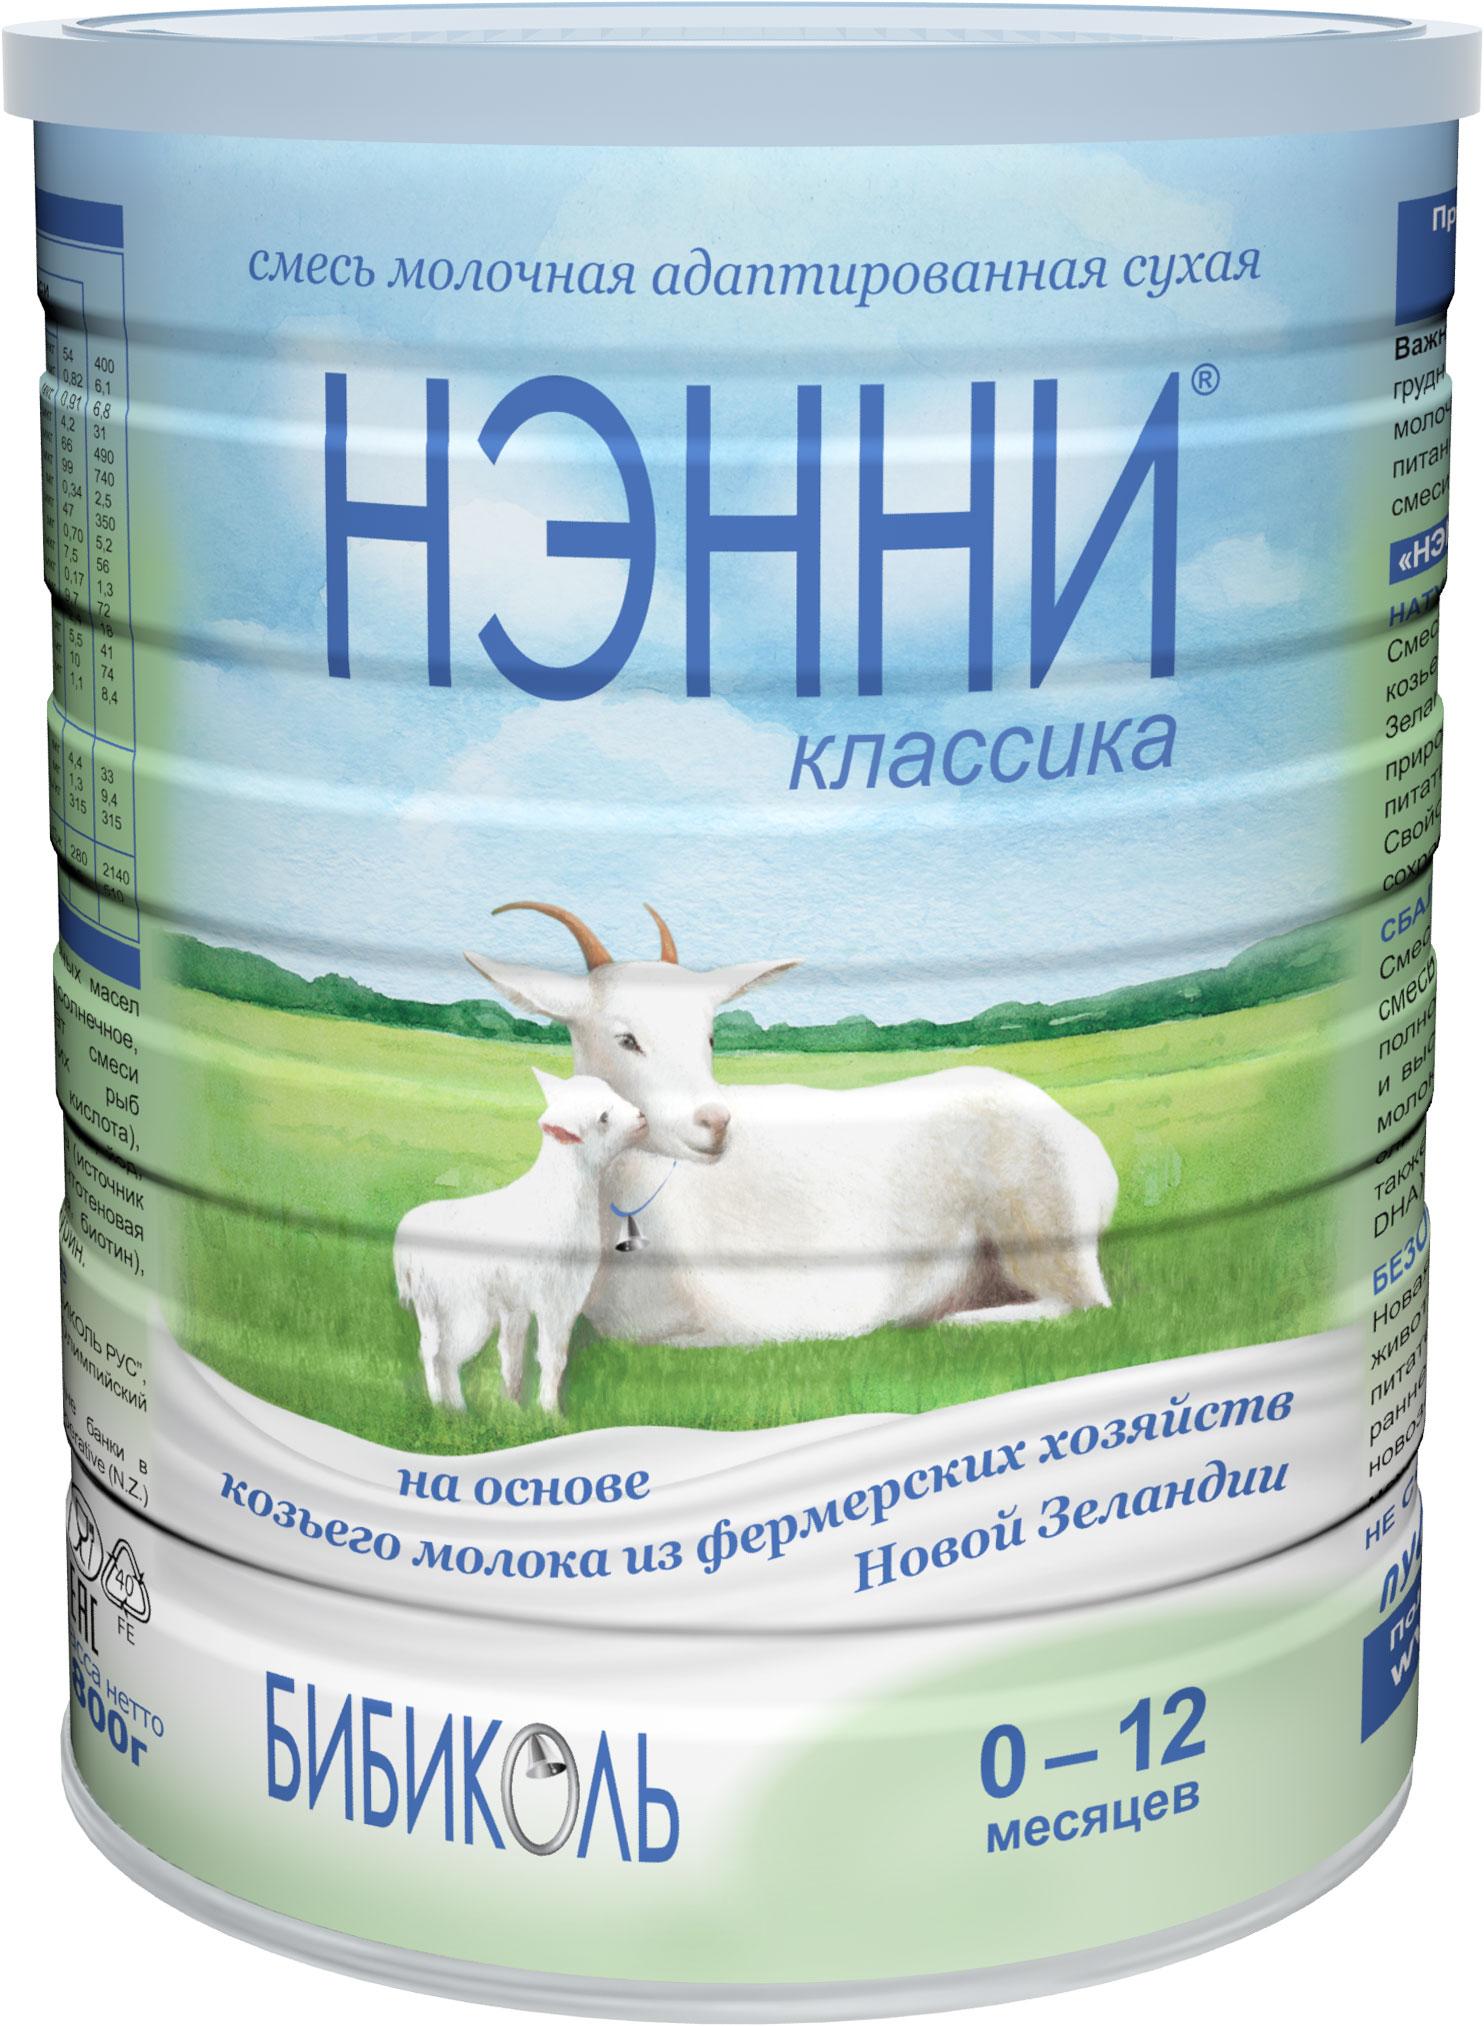 Молочная смесь Бибиколь БИБИКОЛЬ Нэнни Классика (с рождения до 1 года) 800 г, 1шт. консервы мясные в с с батькин резерв мясо цыпленка 350г